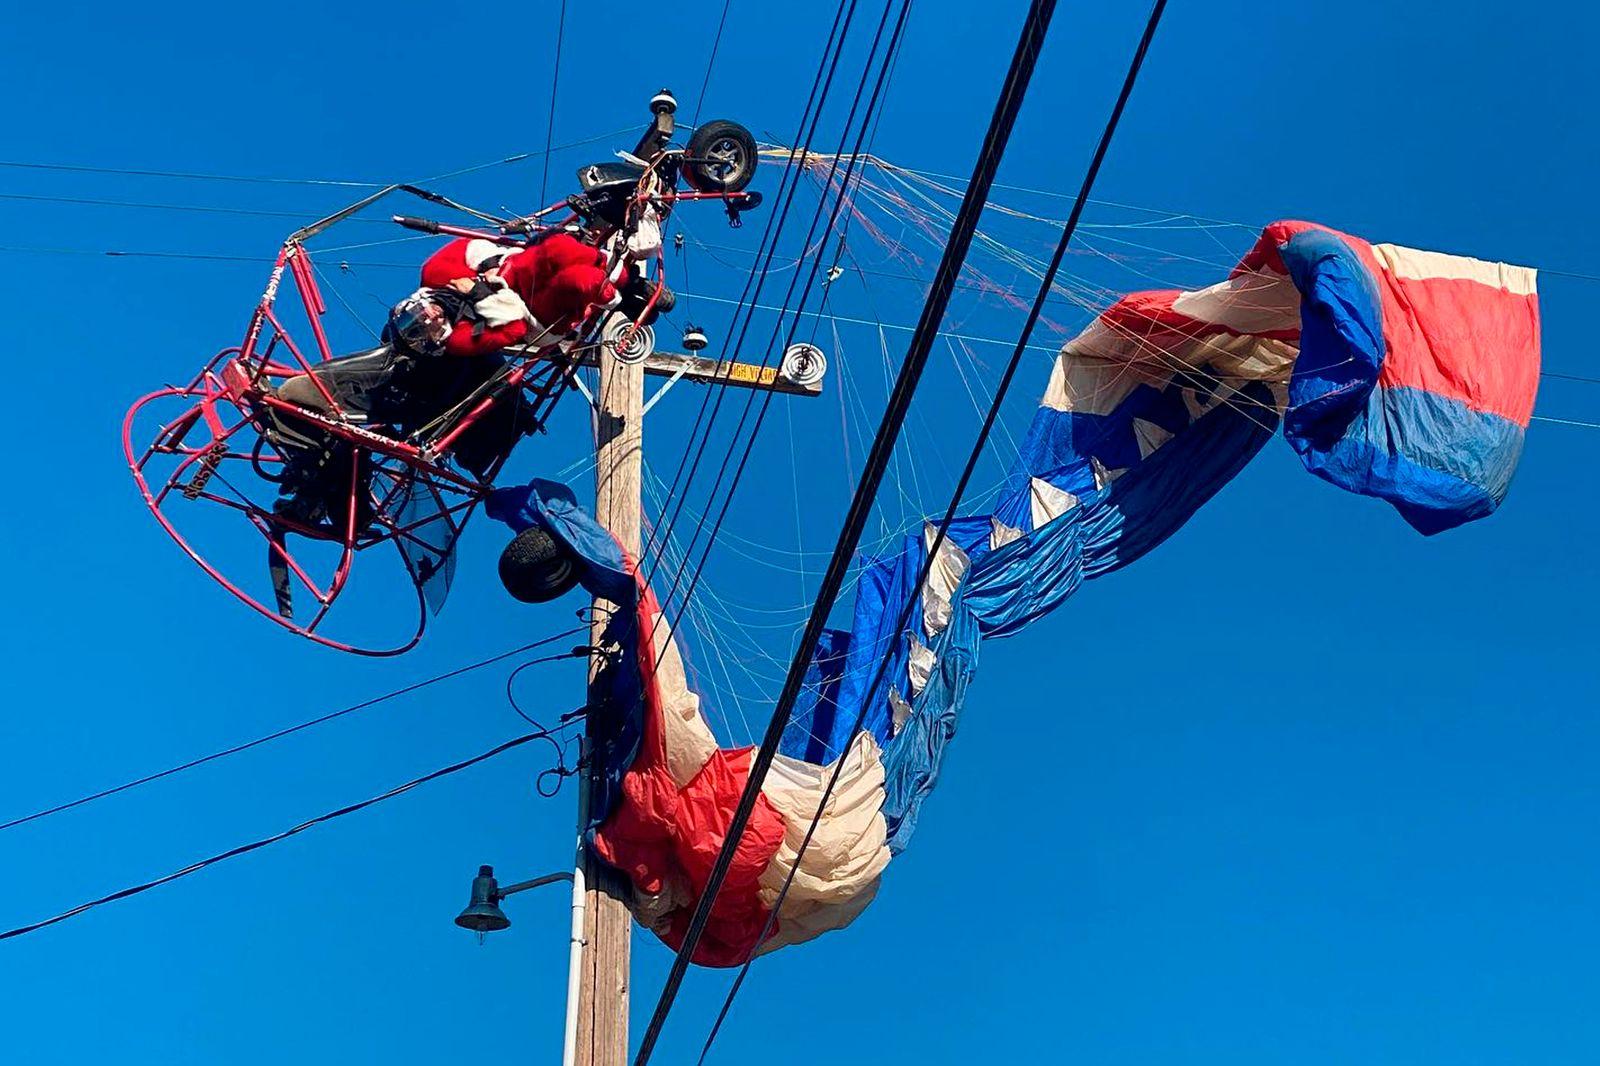 Santa-Power Lines Rescue